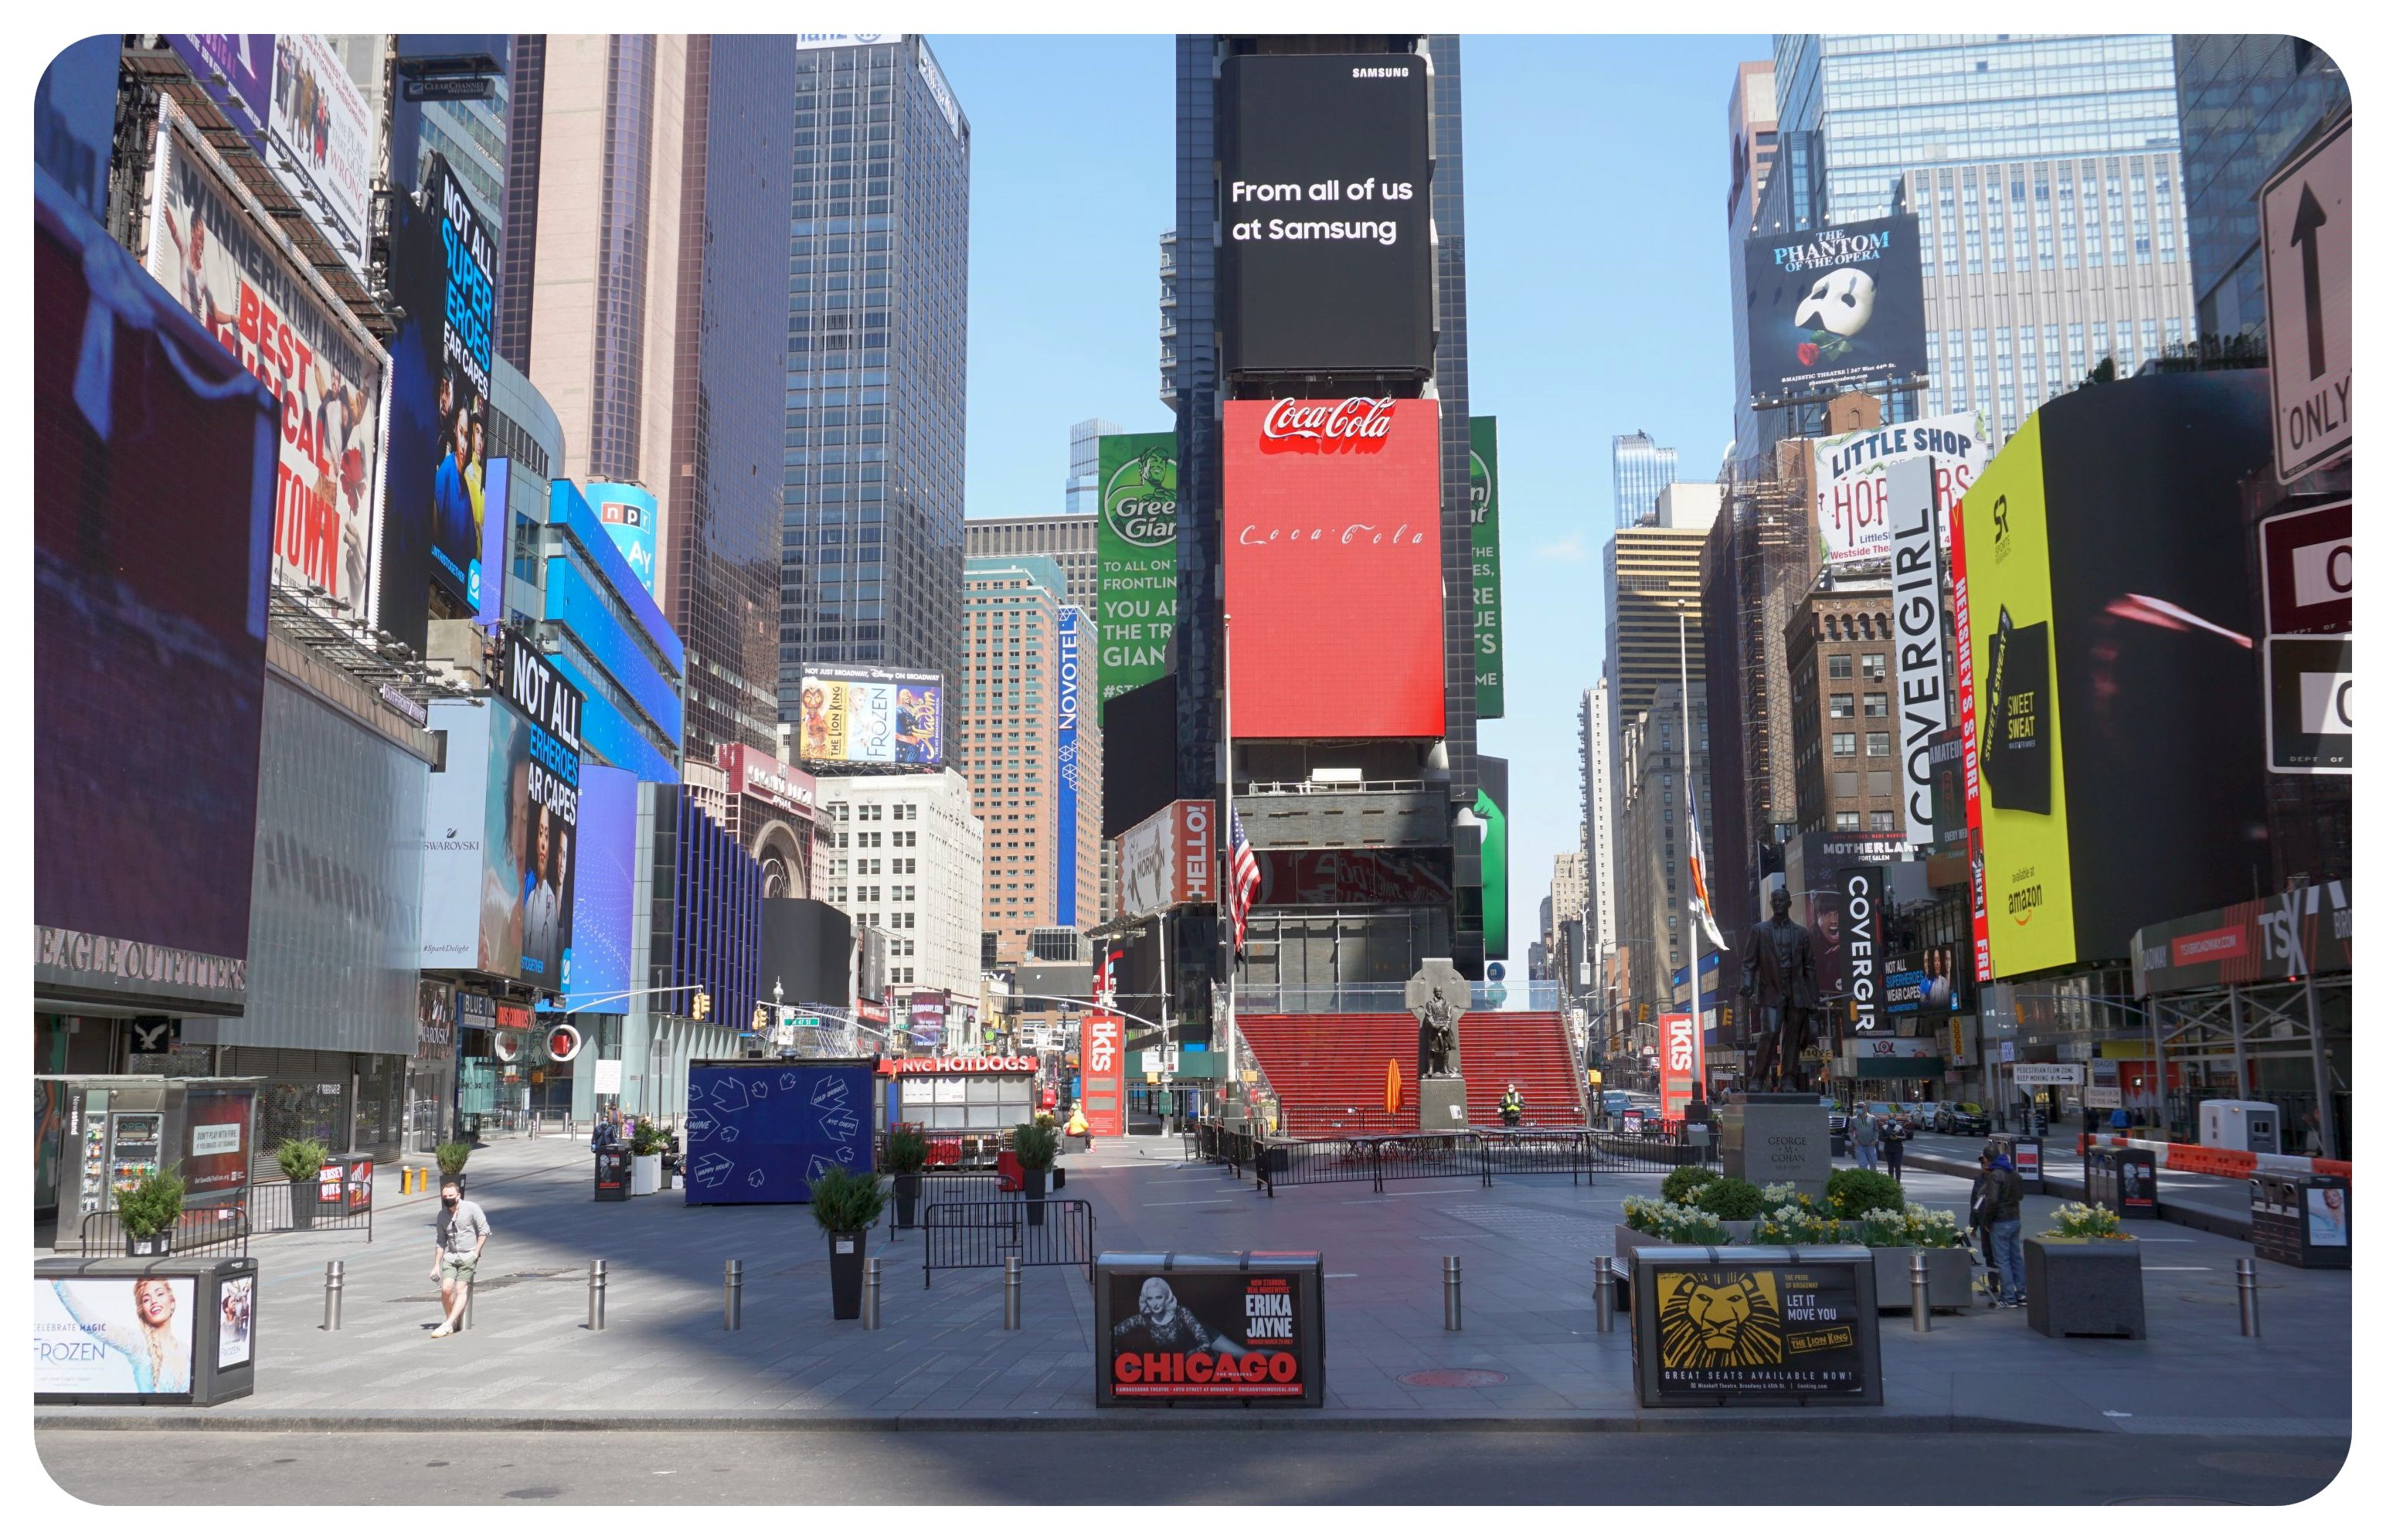 Times Square April 2020